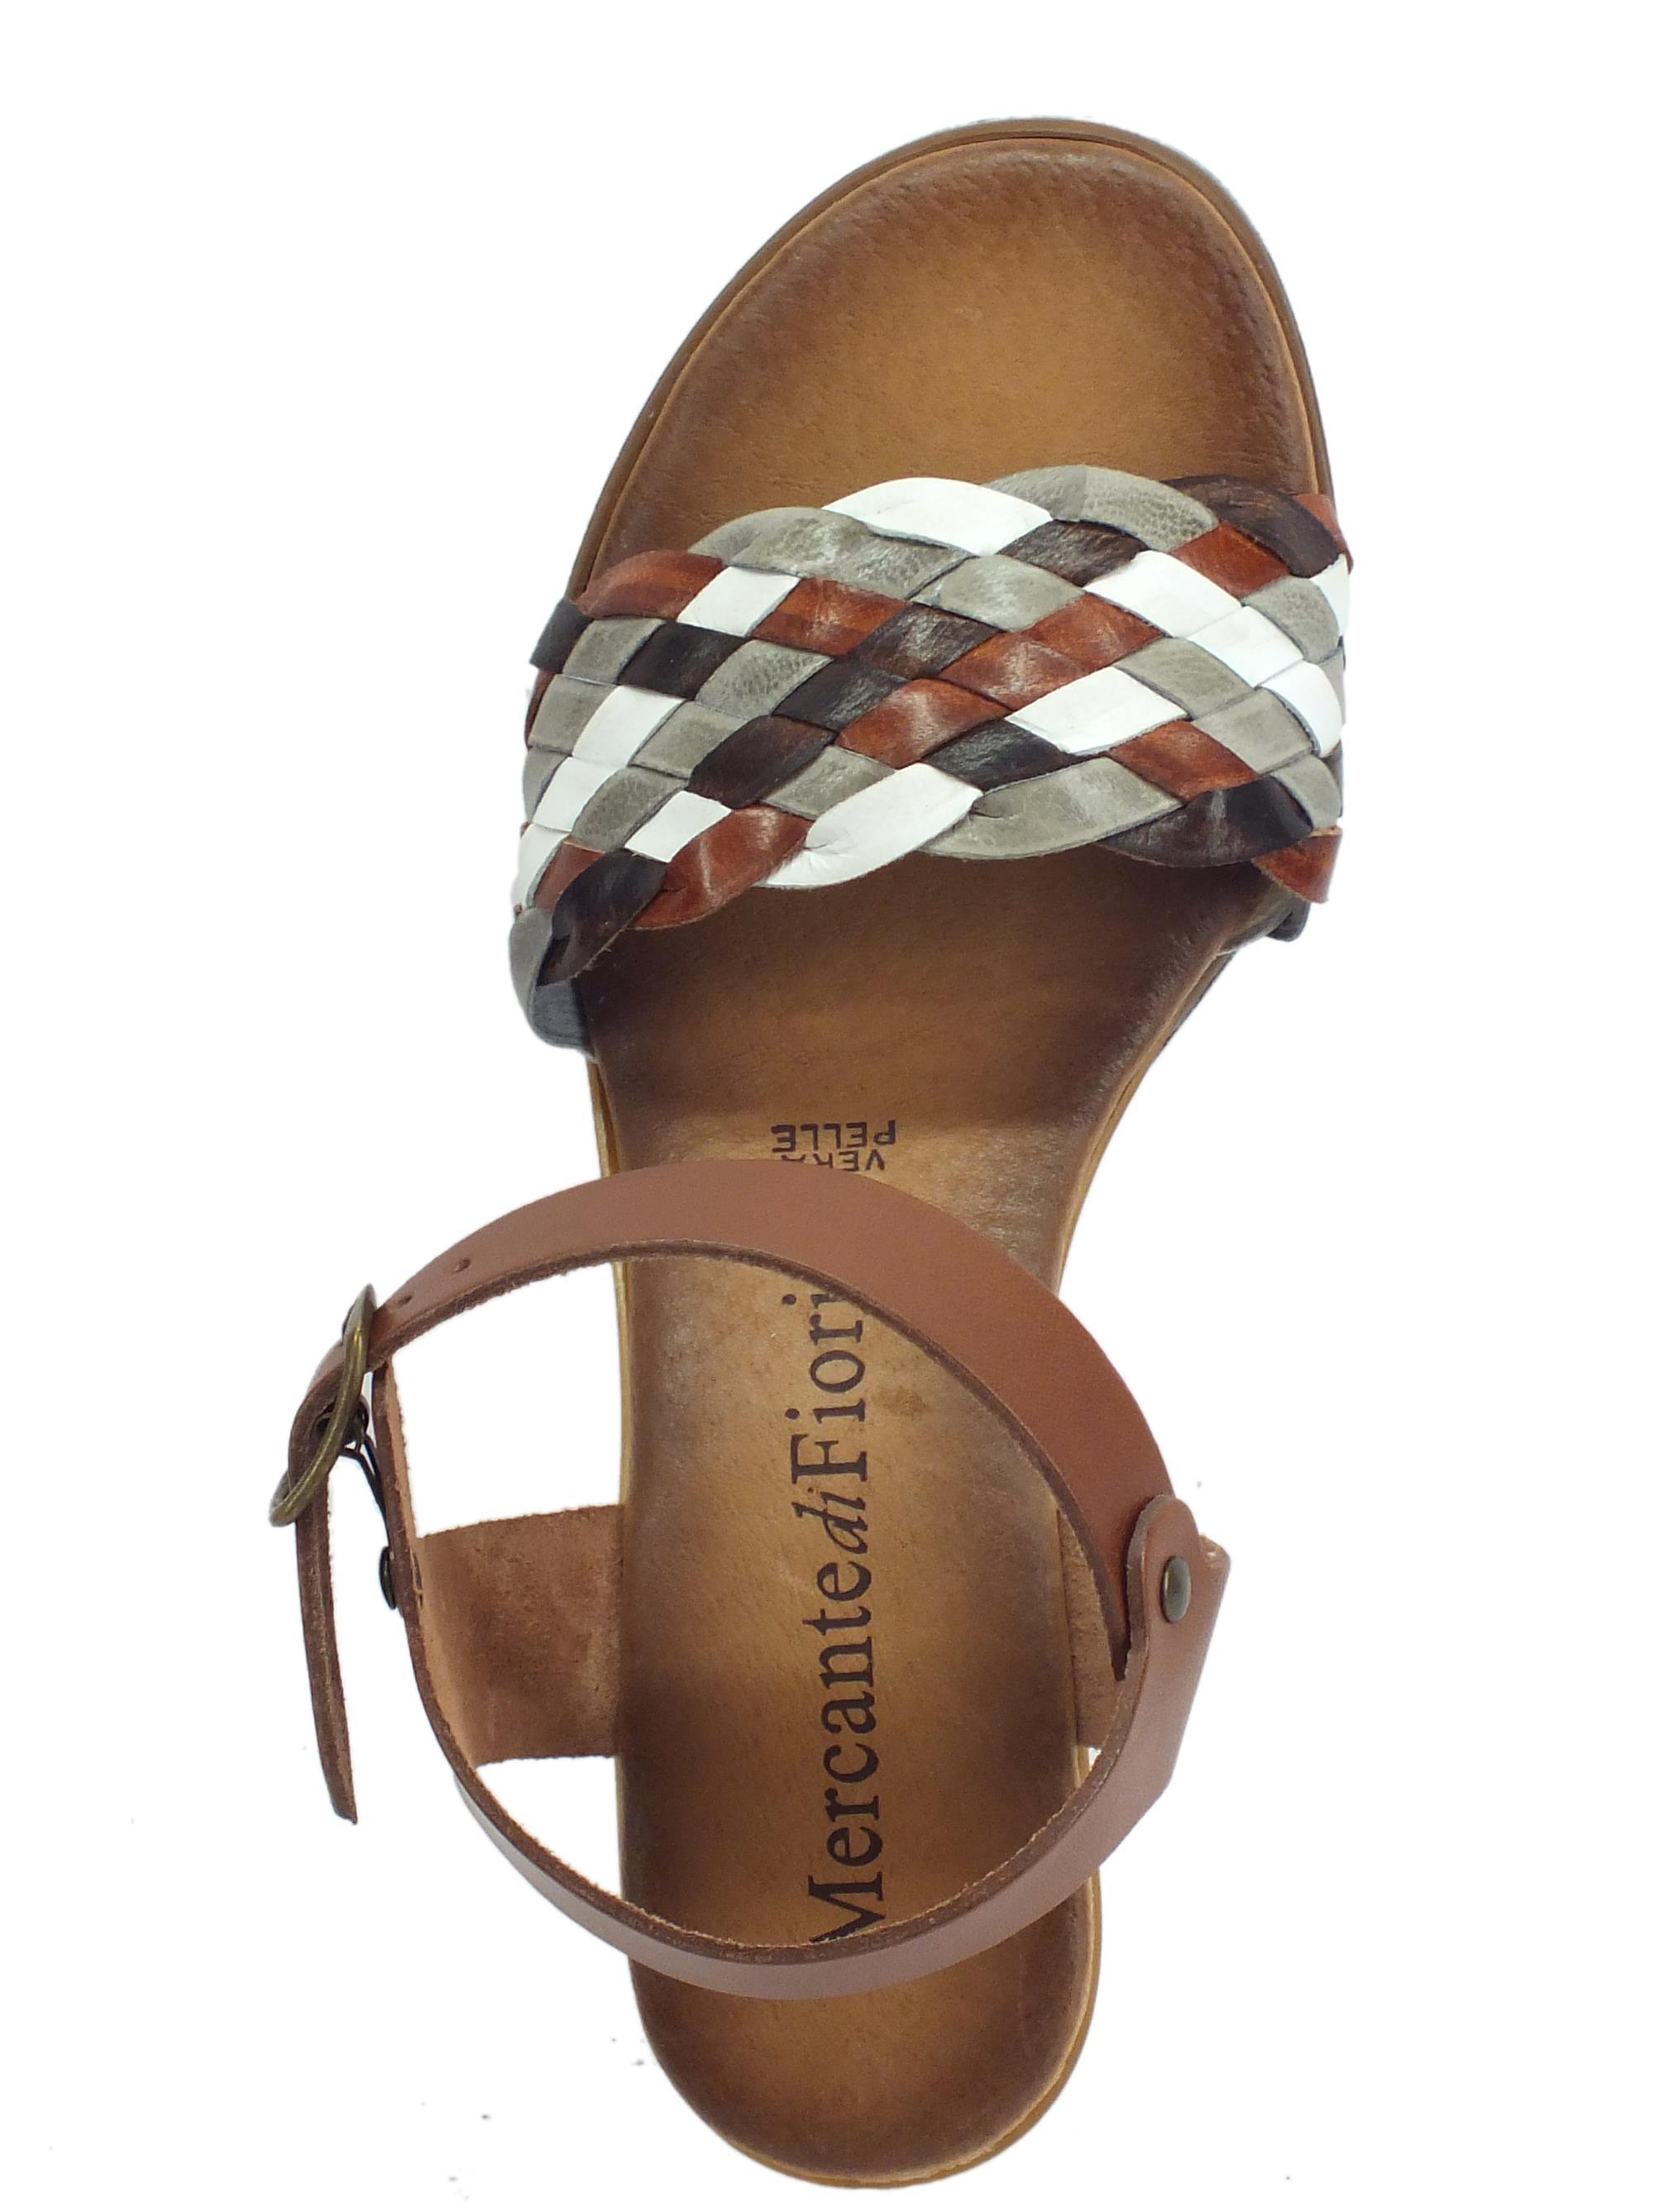 907abade8e Mercanti di Fiori sandali donna in pelle intrecciata multicolore marrone  zeppa alta